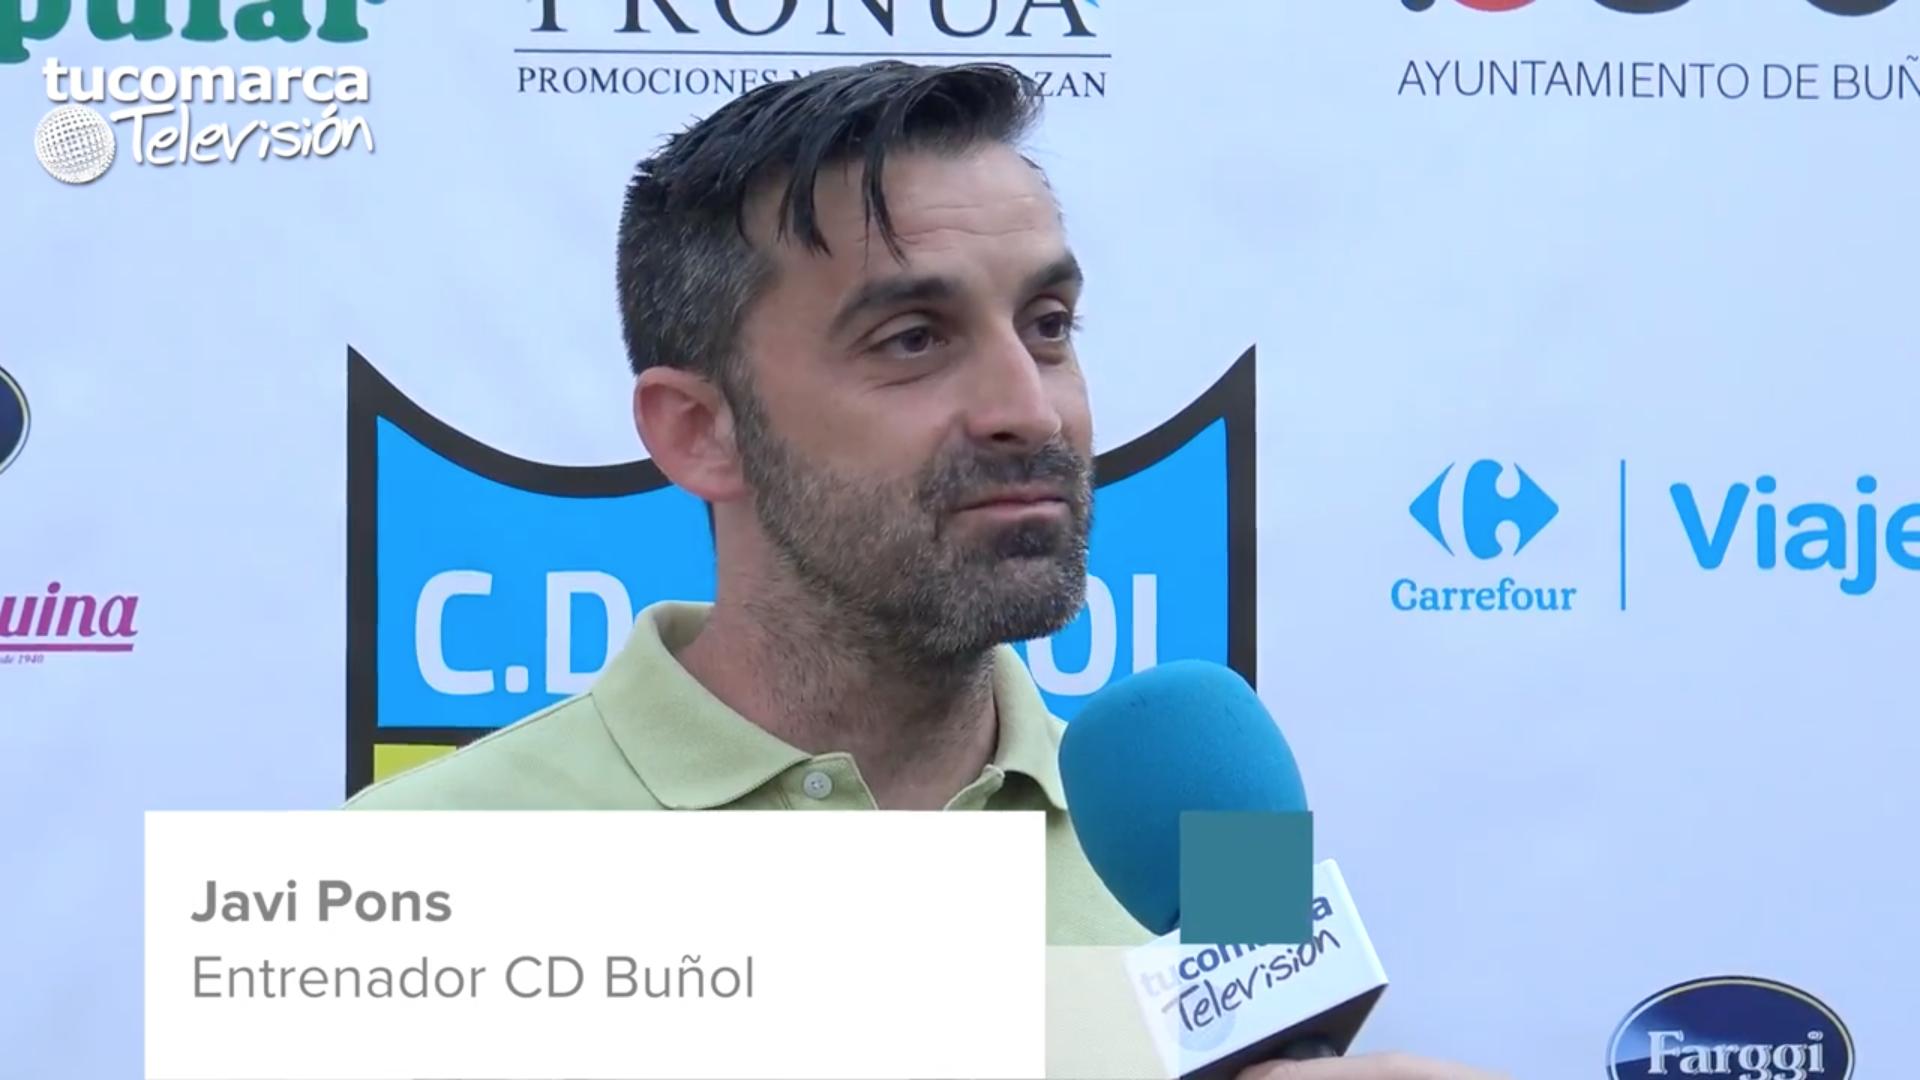 El míster del CD Buñol, durante la entrevista realizada por tucomarca televisión.